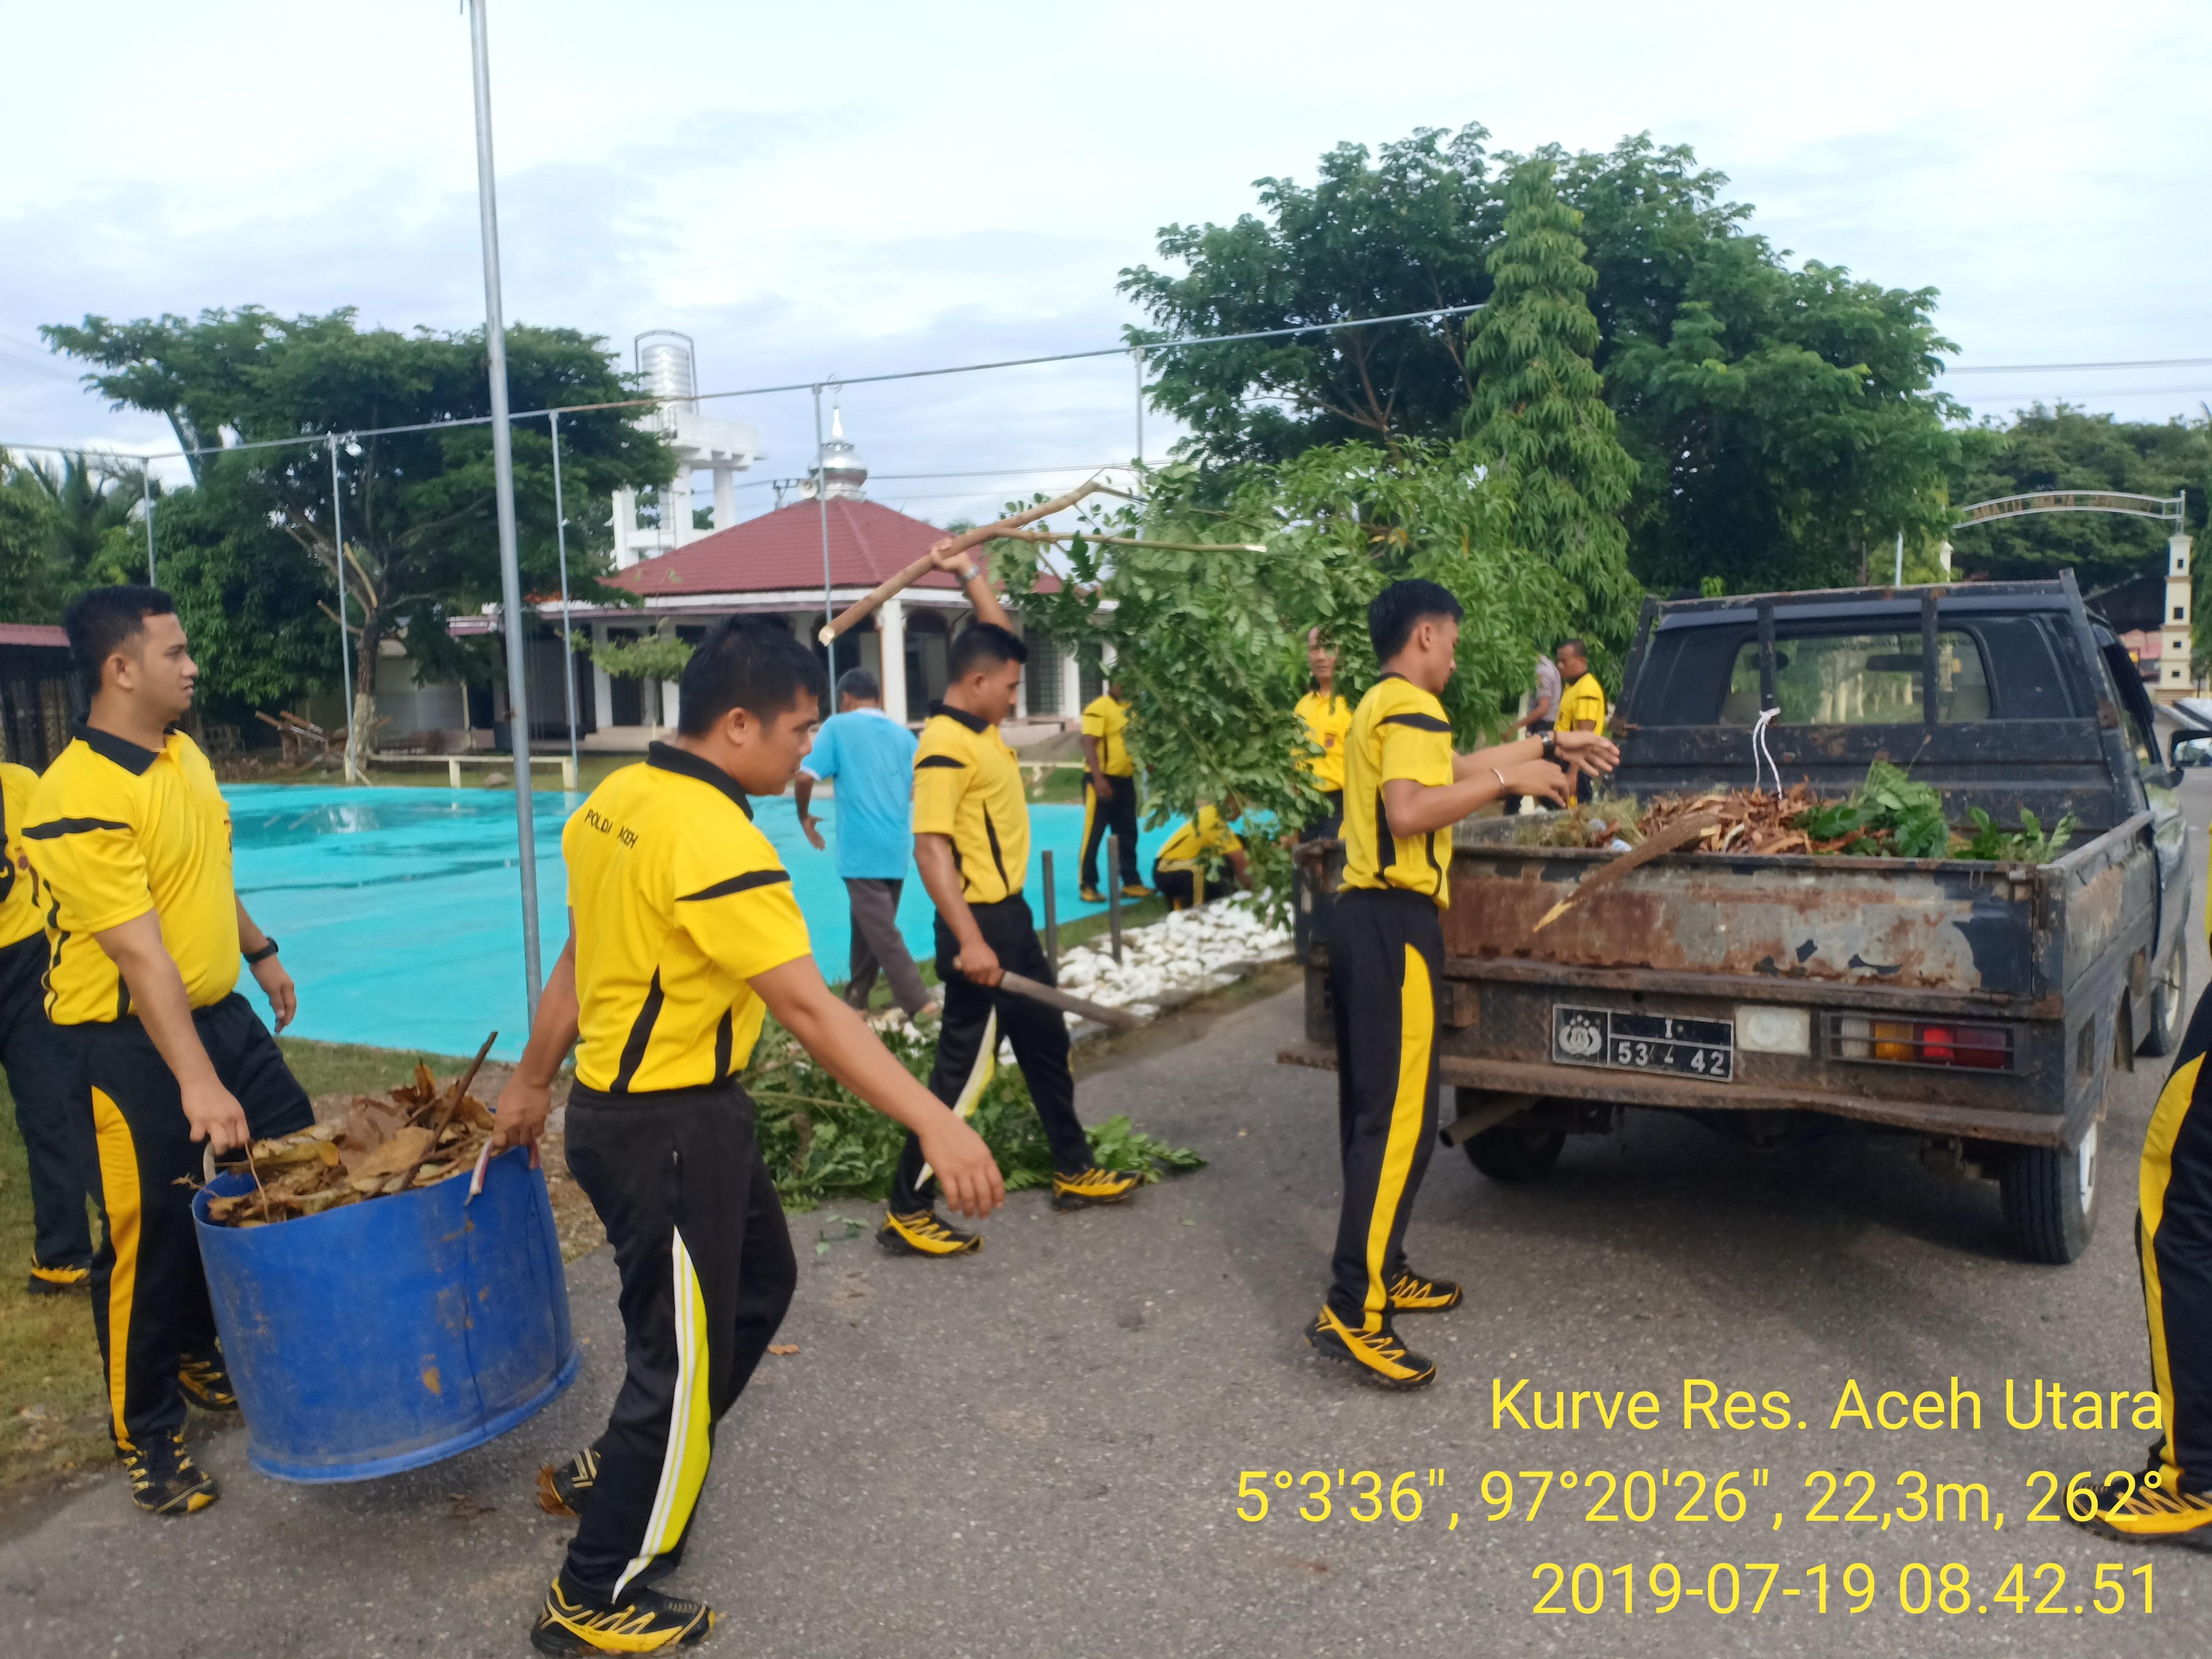 Jumat Bersih, Demi terwujudnya kebersihan di Lingkungan Mako Polres Aceh Utara